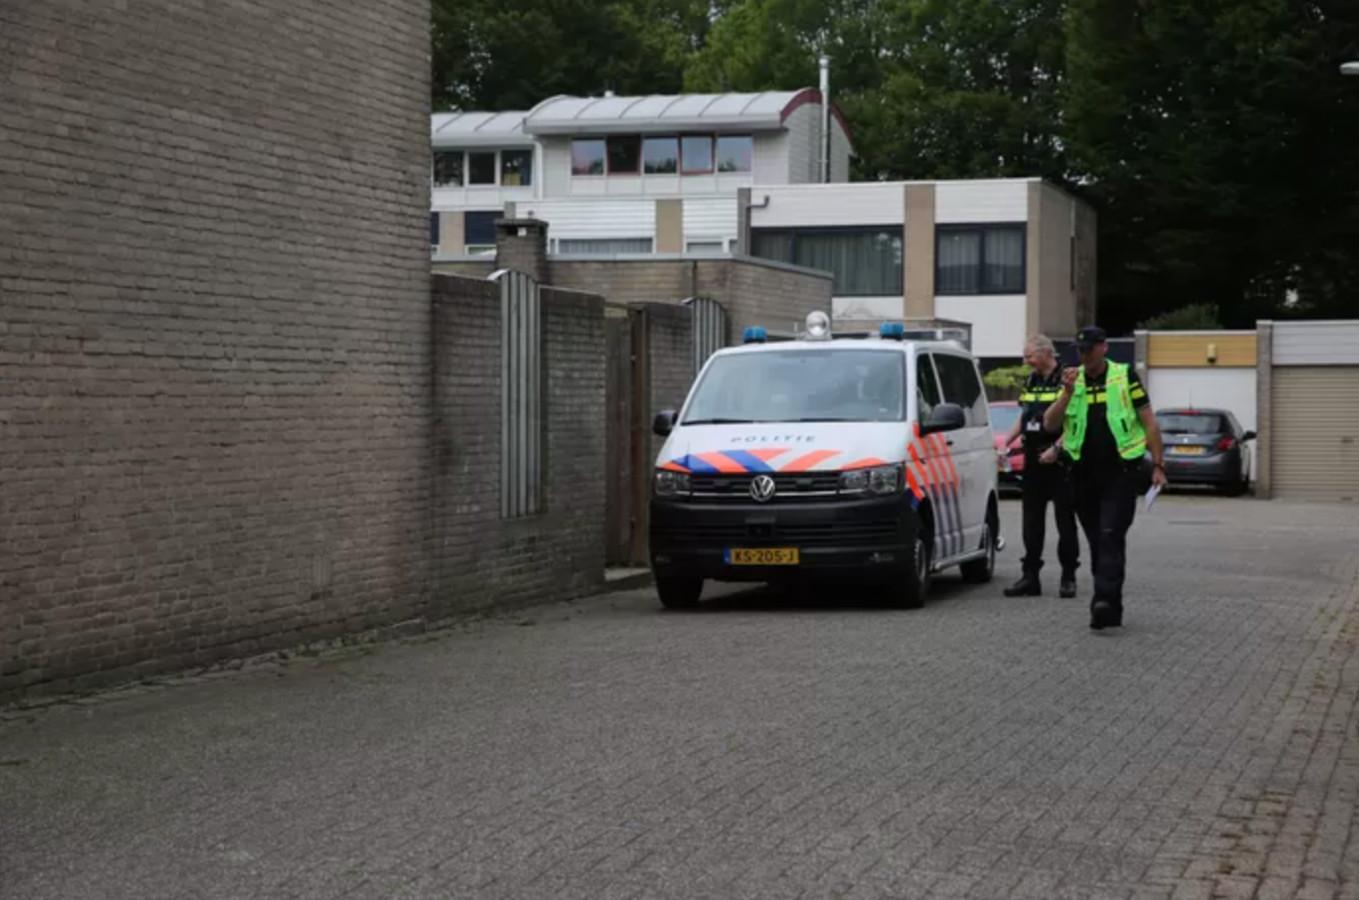 De man werd door een politiekogel in zijn onderbeen getroffen, ter afwending van levensgevaar.